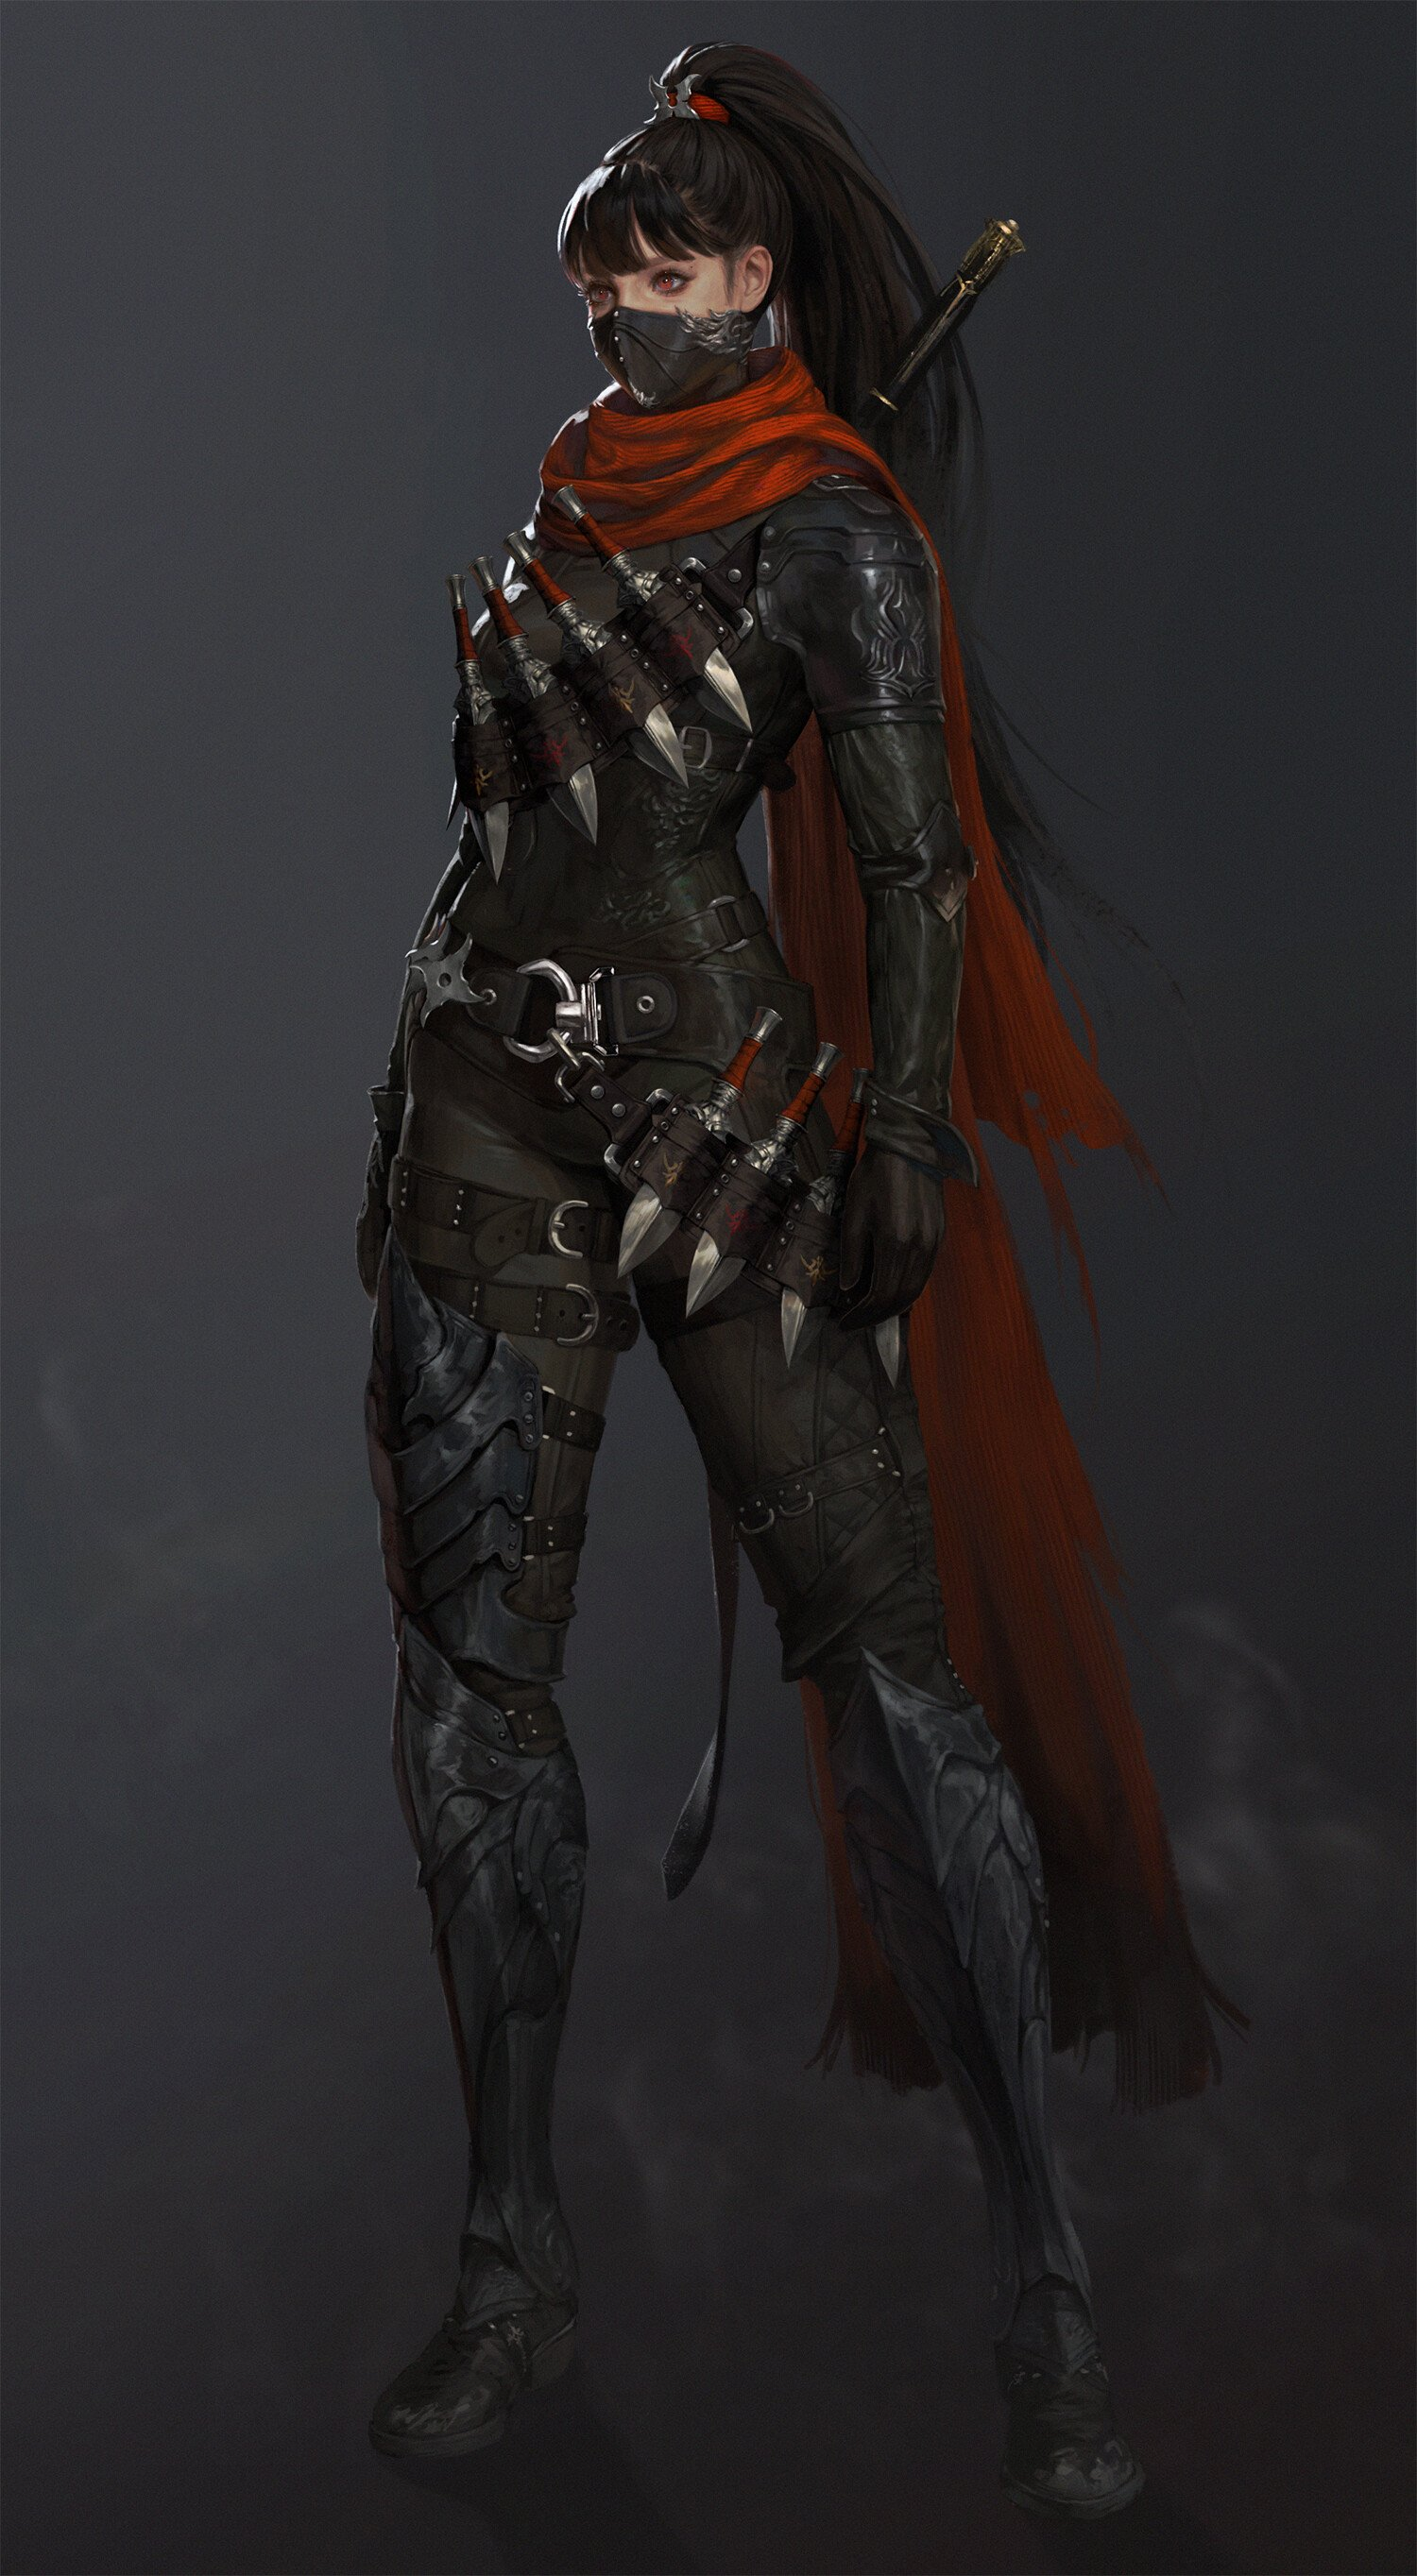 Women Warrior Art - ID: 49602 - Art Abyss